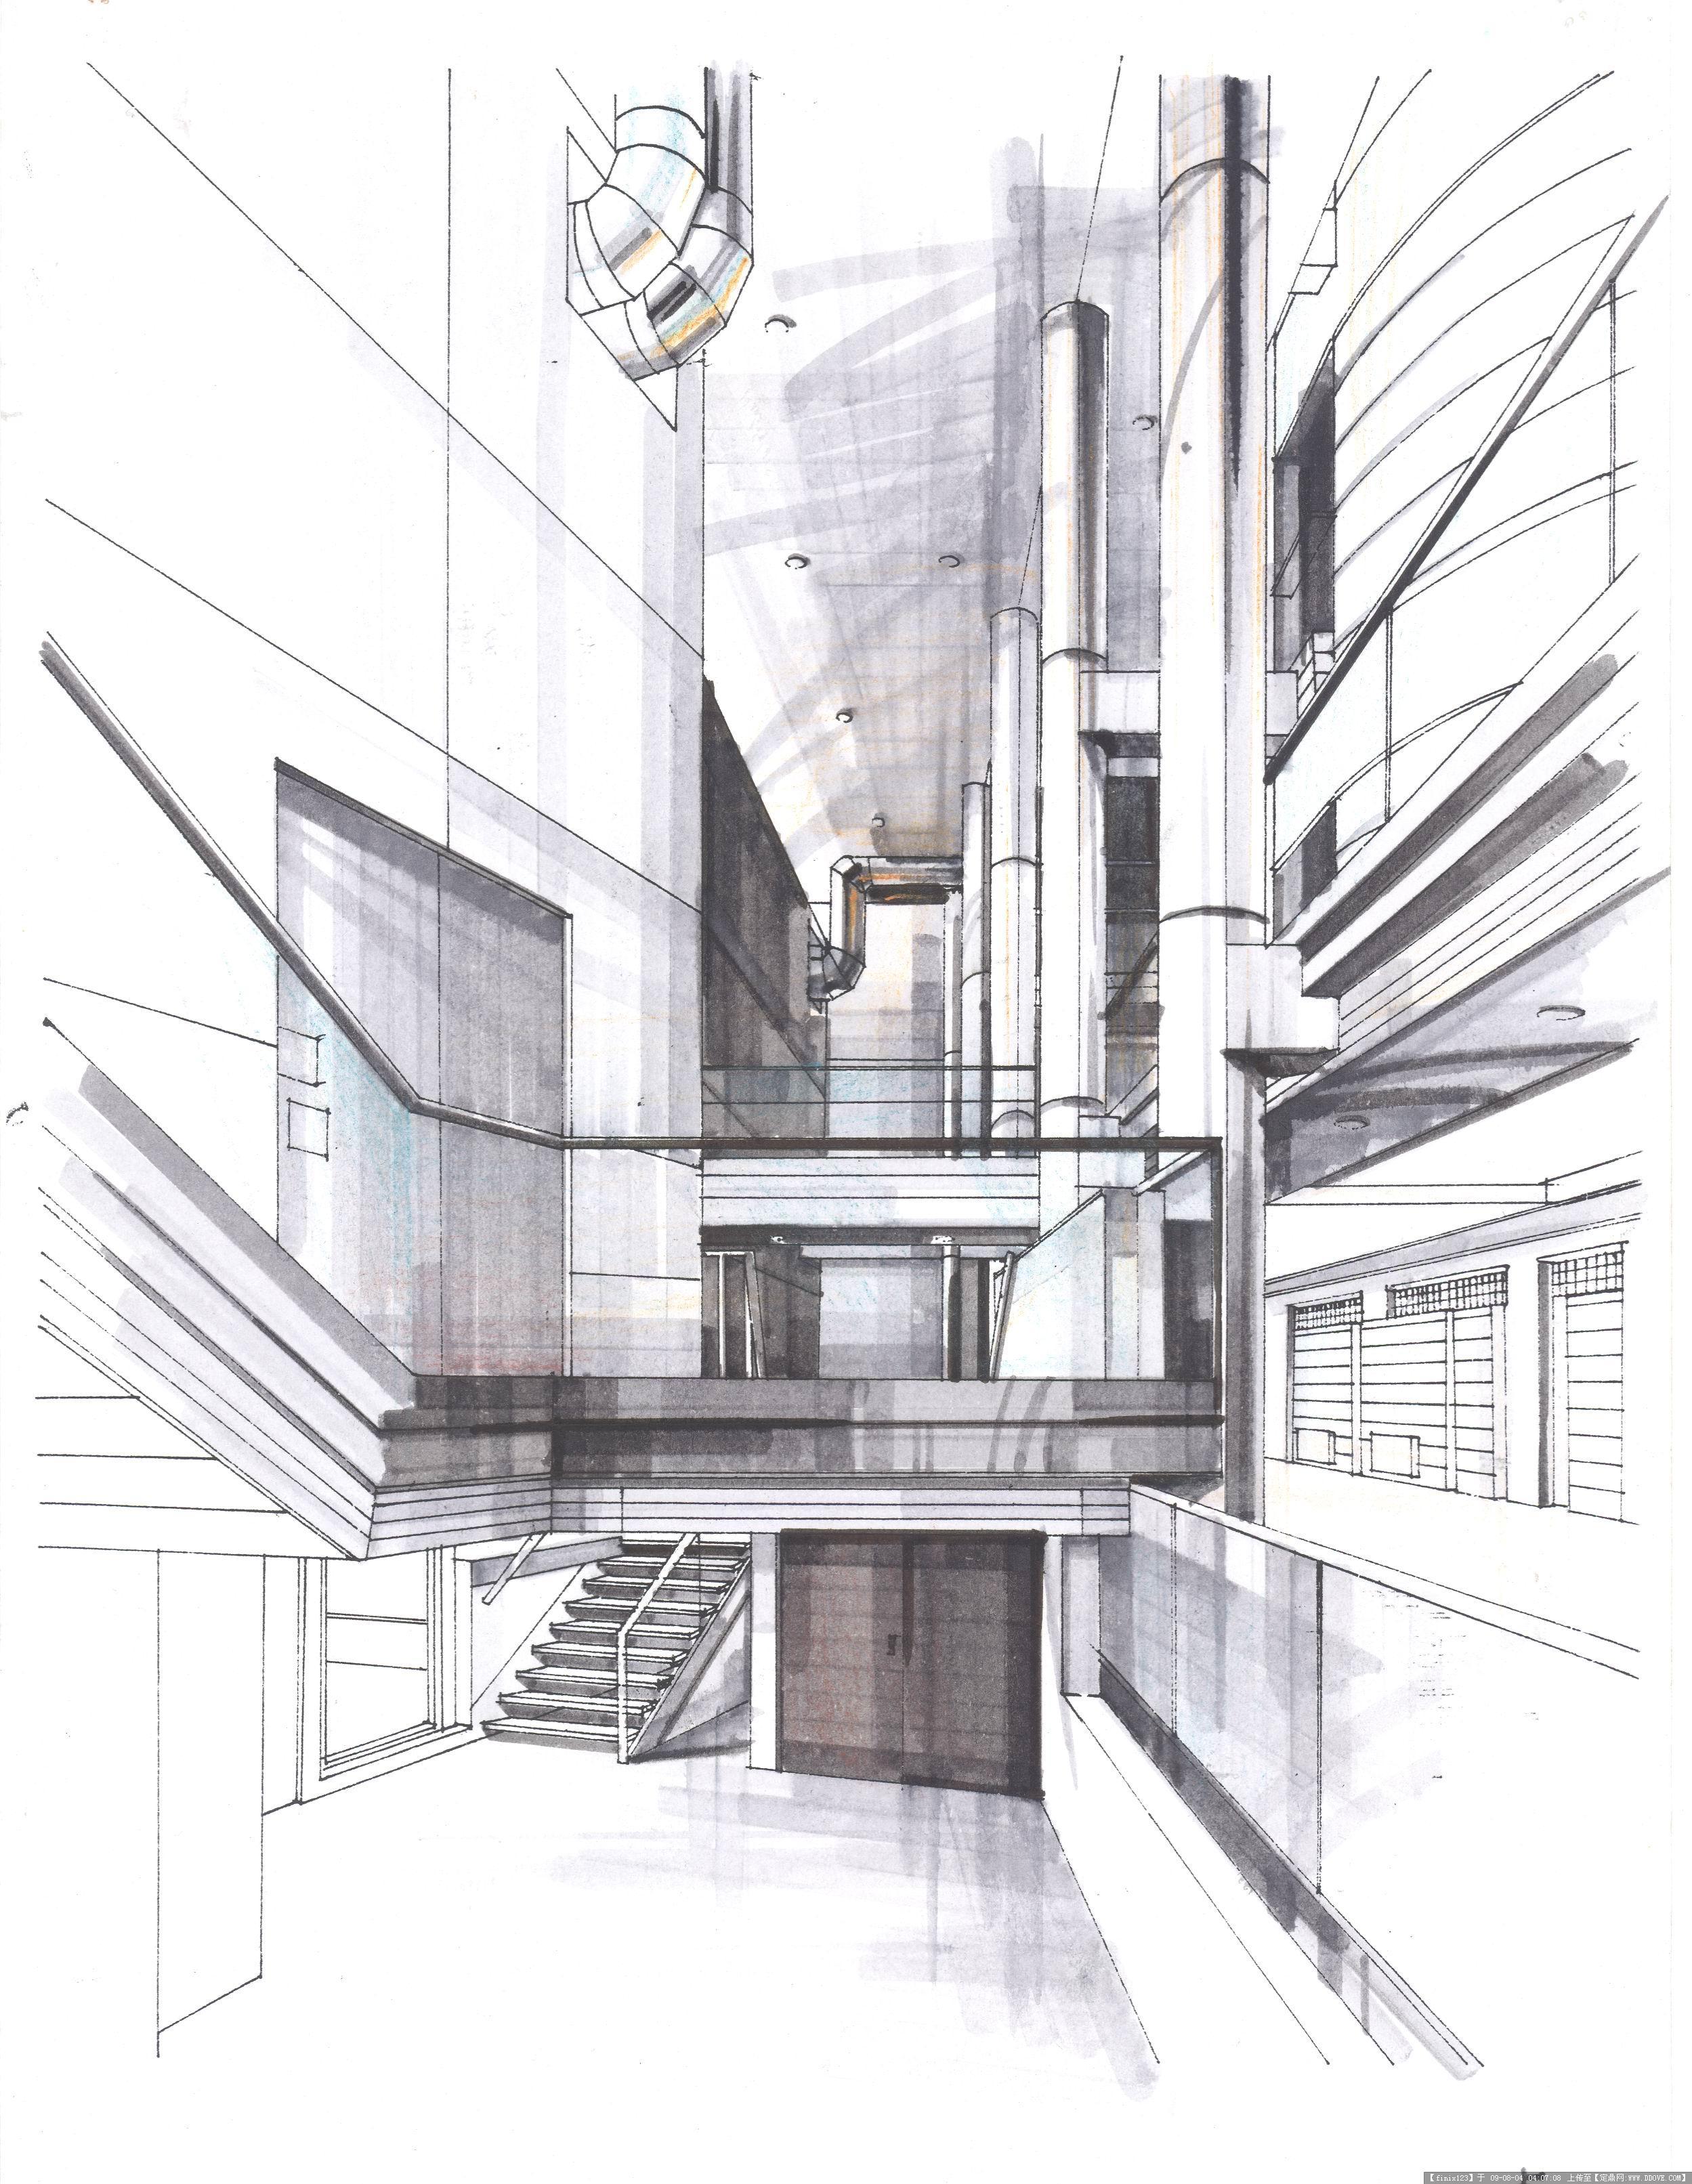 商业街区景观手绘效果图素材